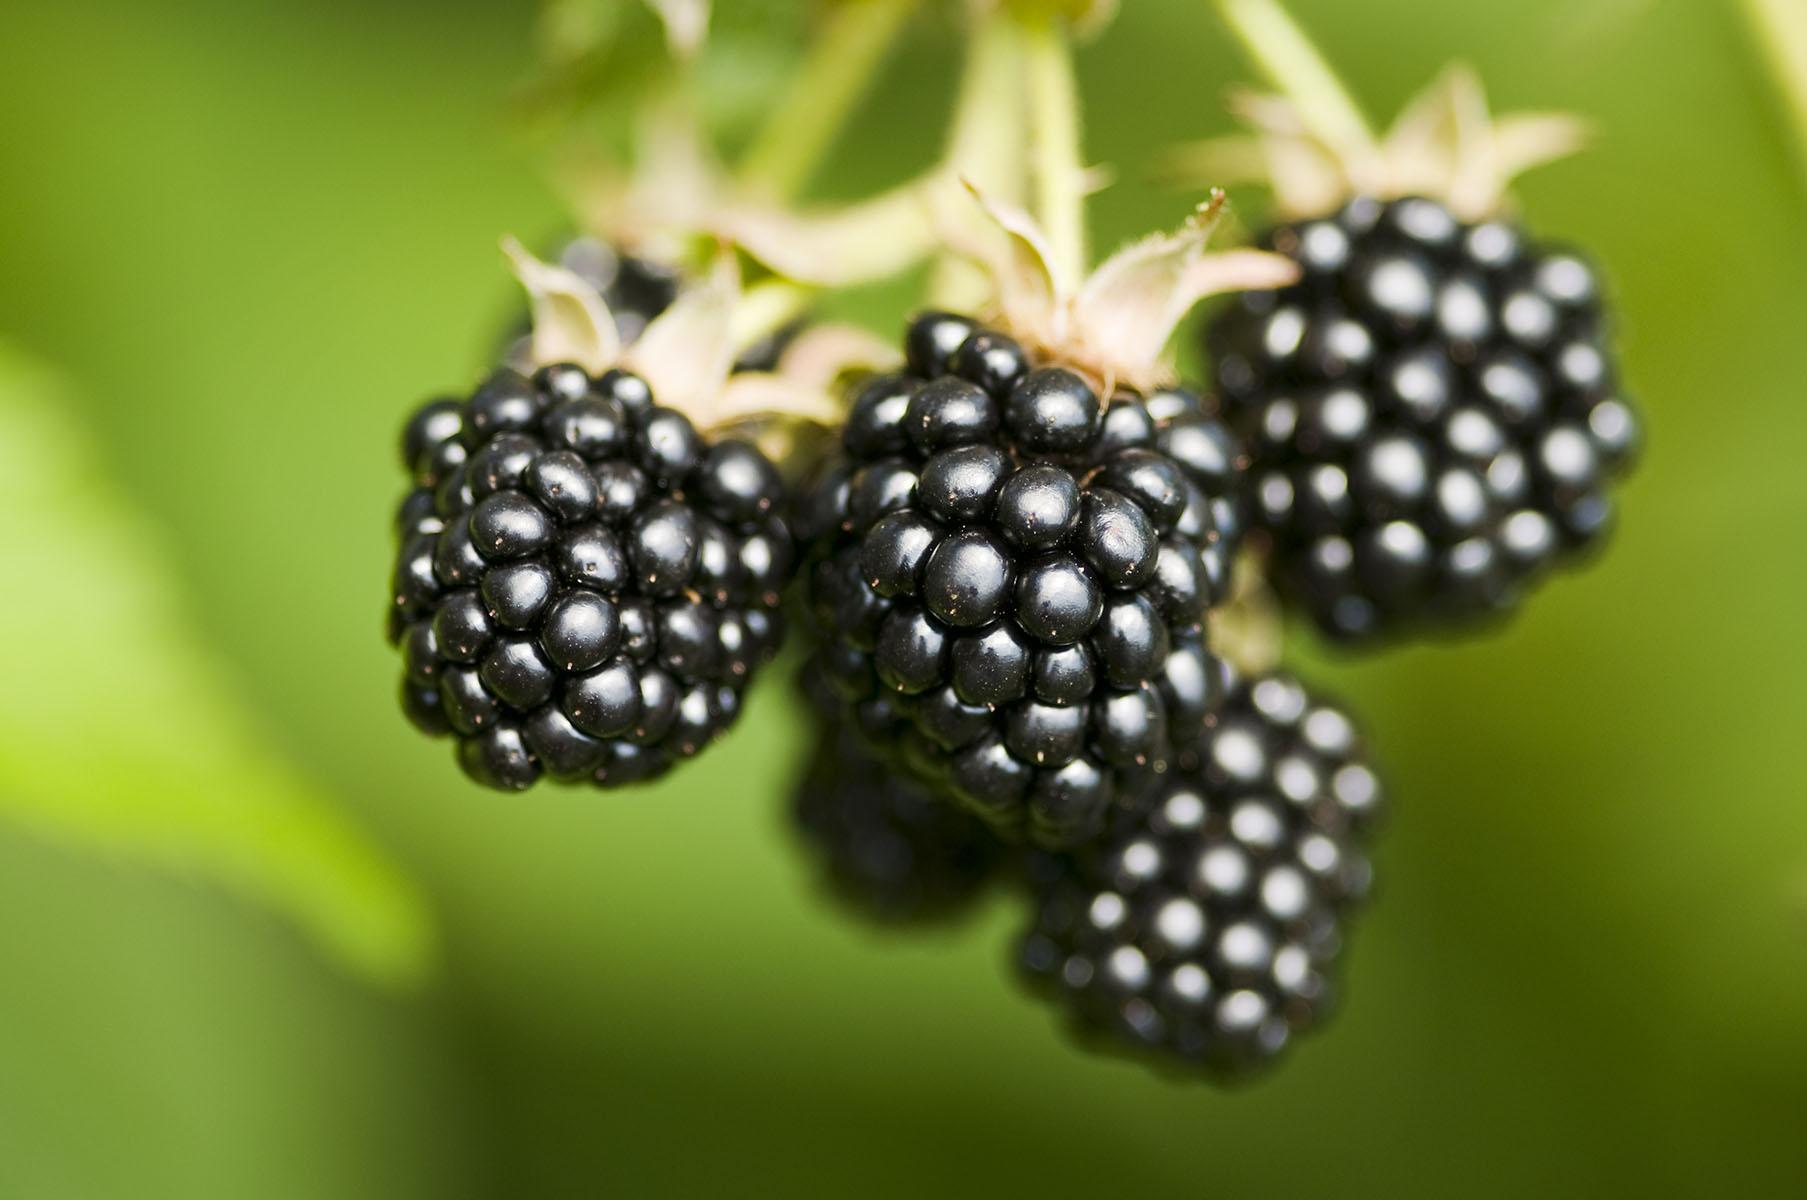 Fresh blackberries bunch on a farm